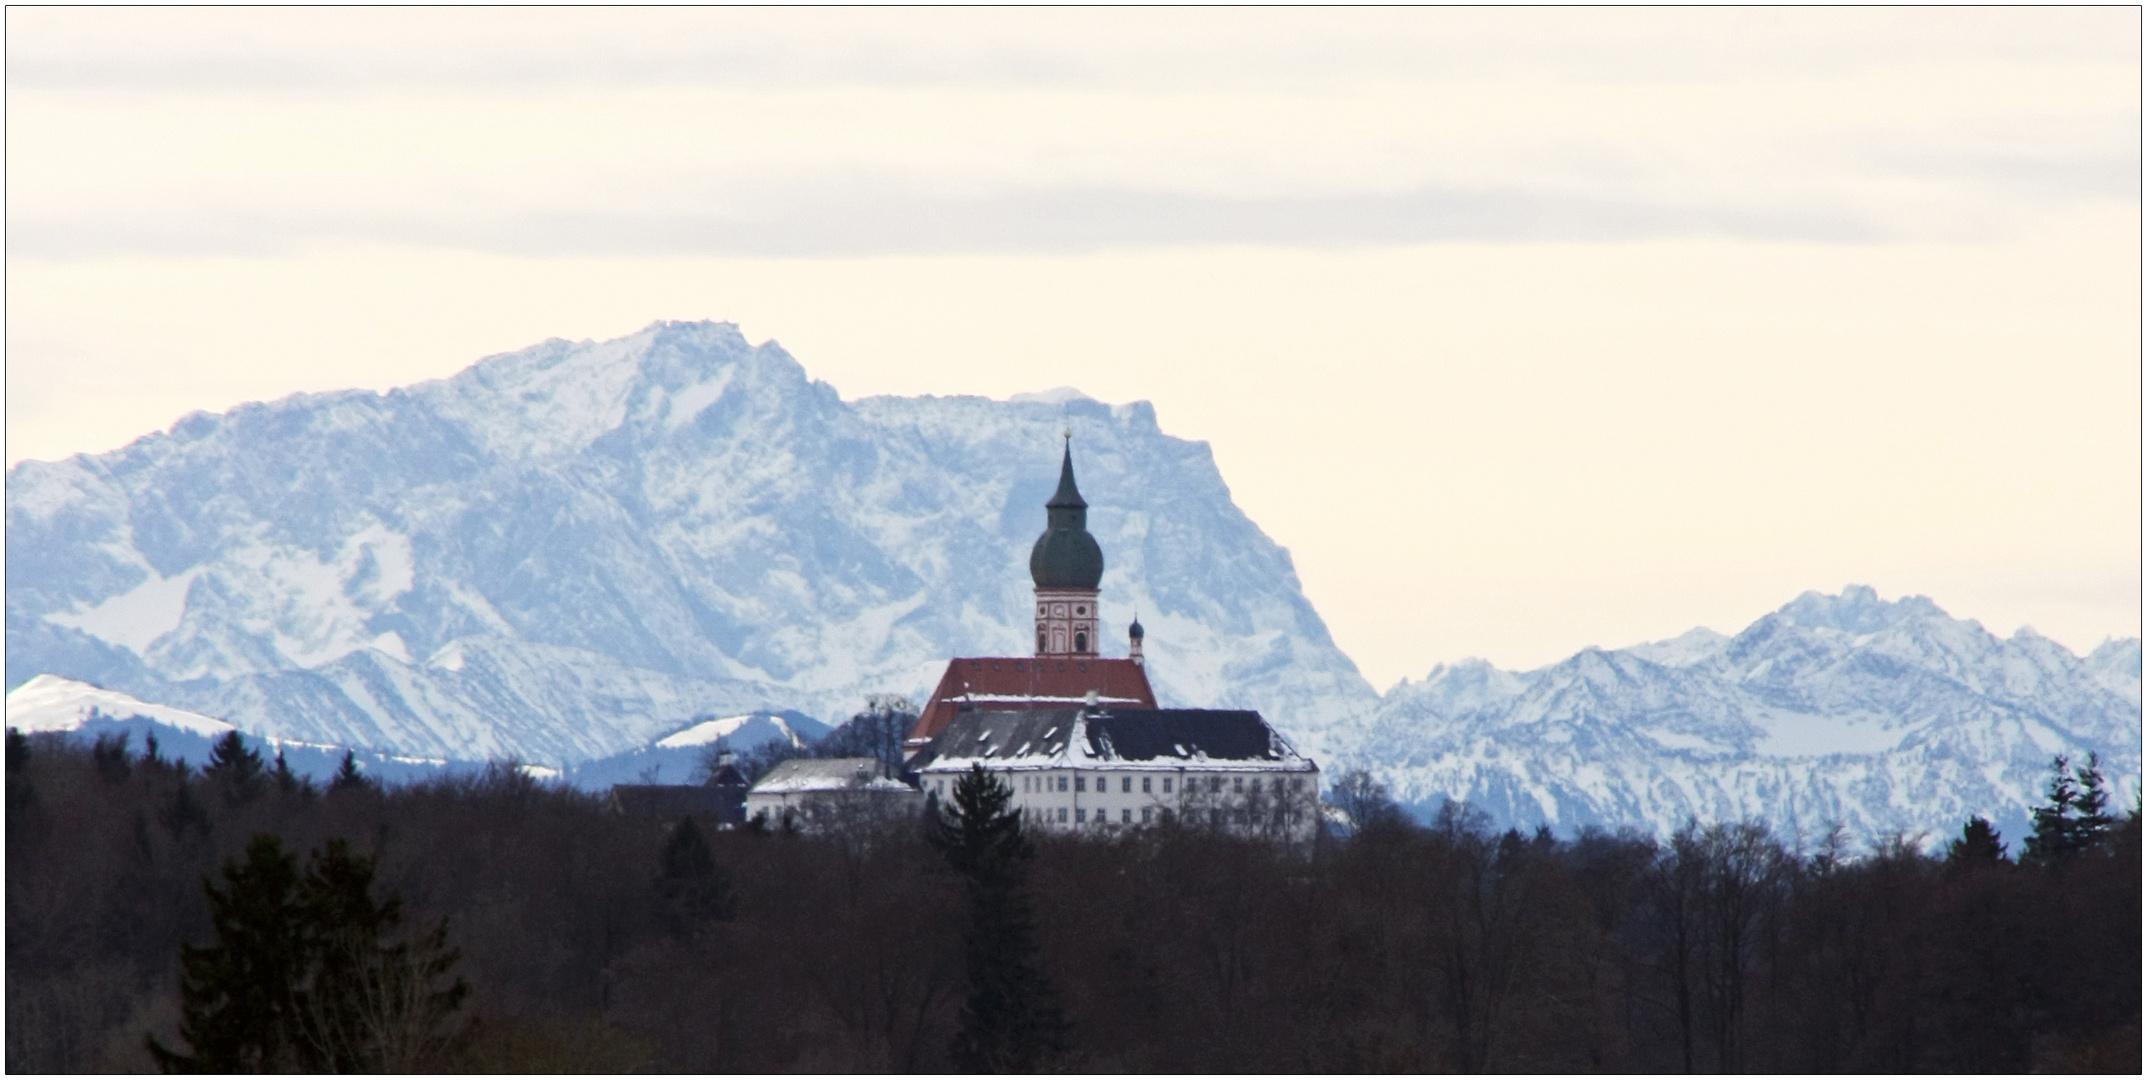 kloster andechs vor der zugspitze